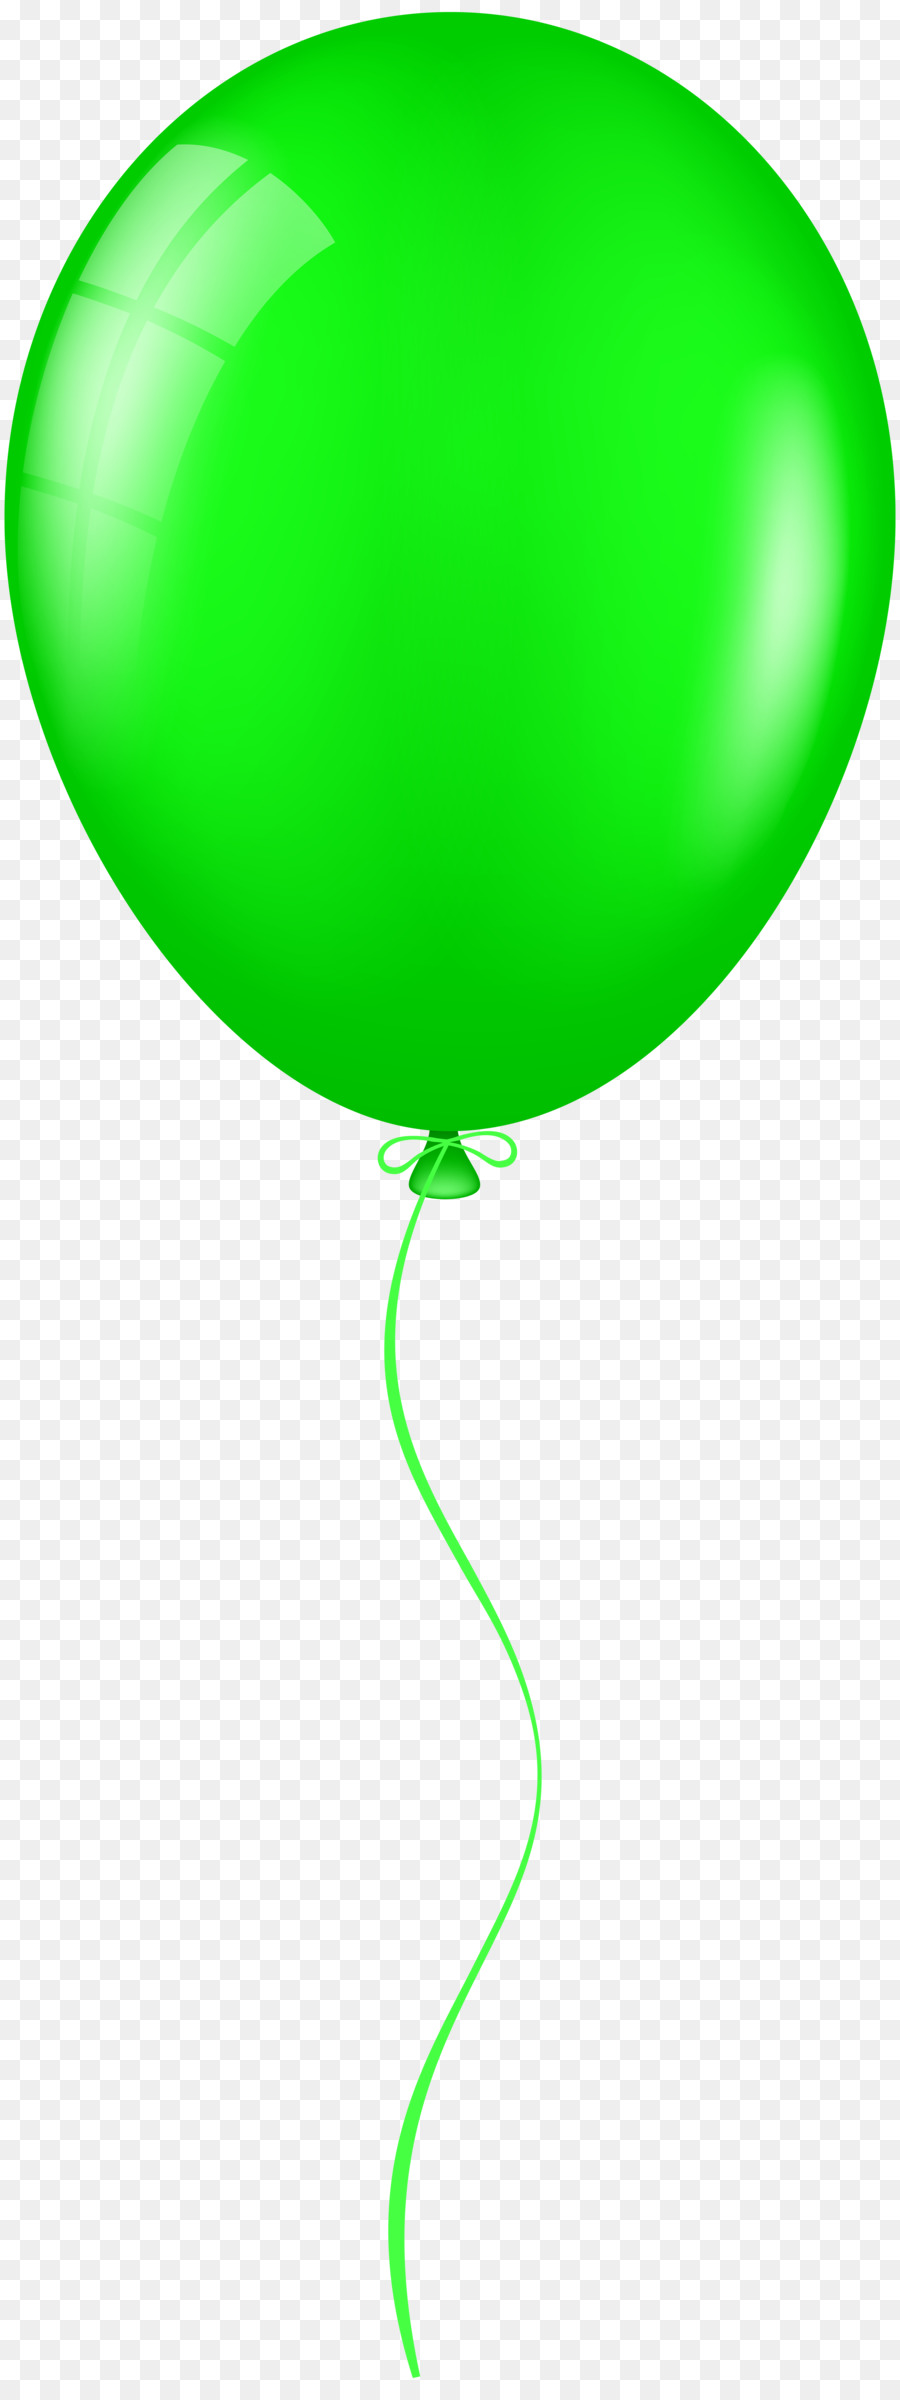 Зеленый шарик картинка